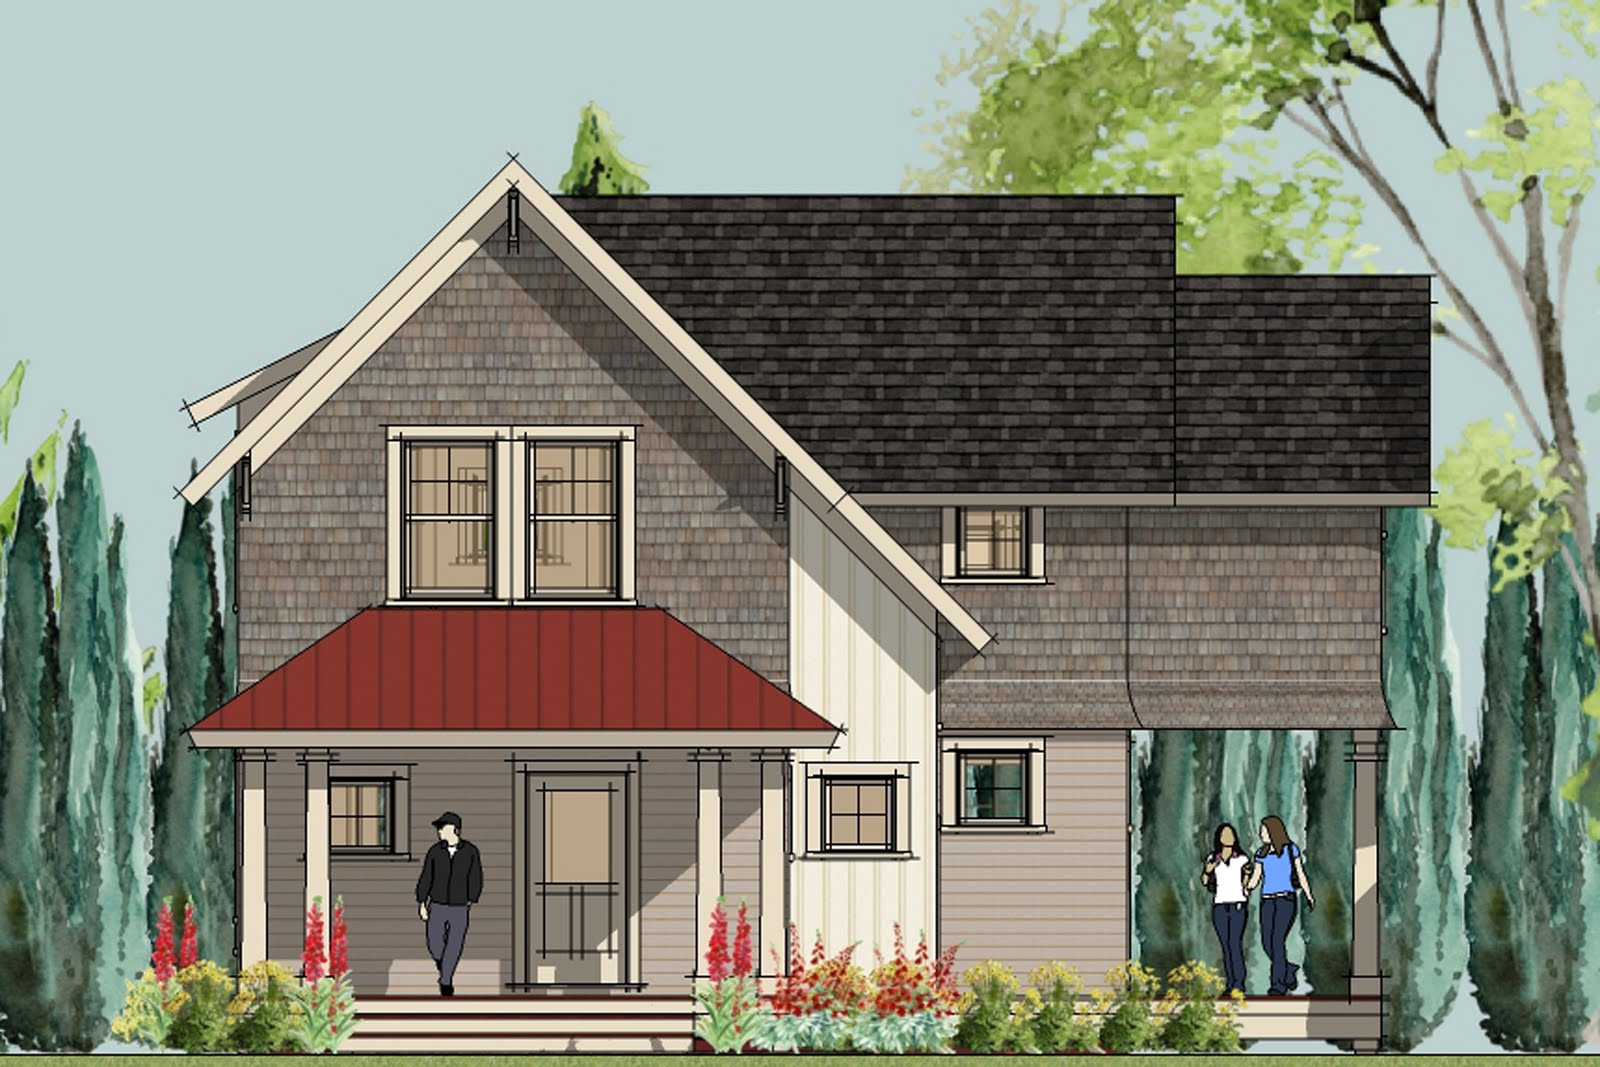 13 Best Simple Unique Small House Designs Ideas - House Plans